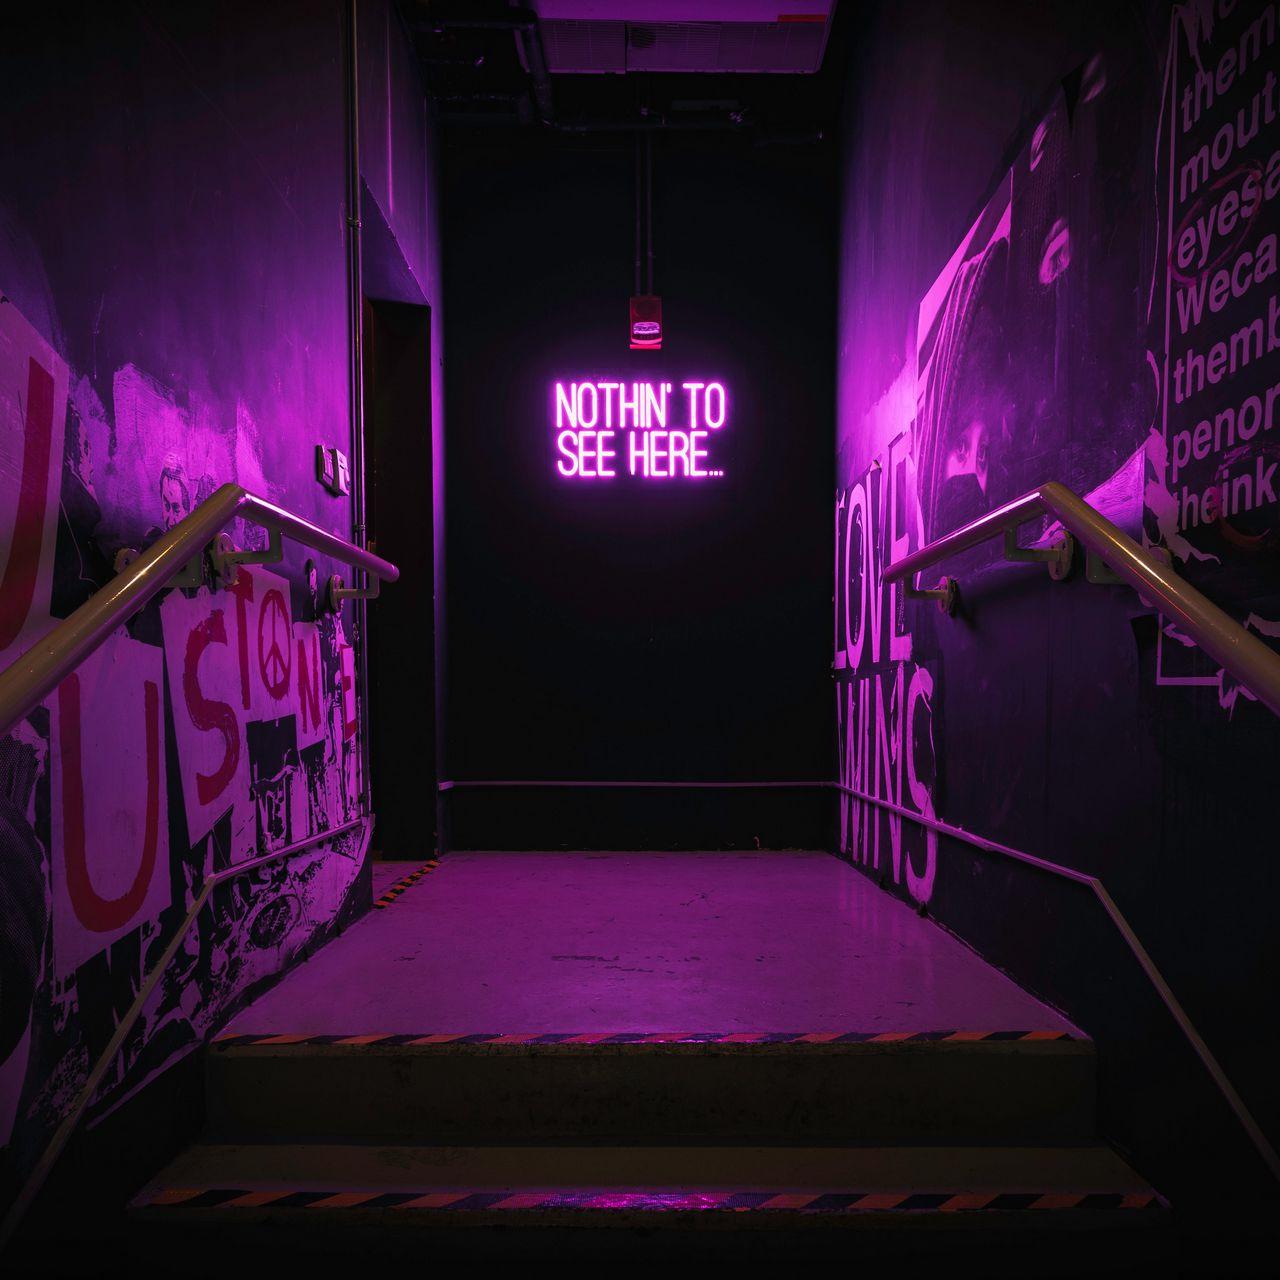 1280x1280 Обои неон, надпись, стена, фиолетовый, подсветка